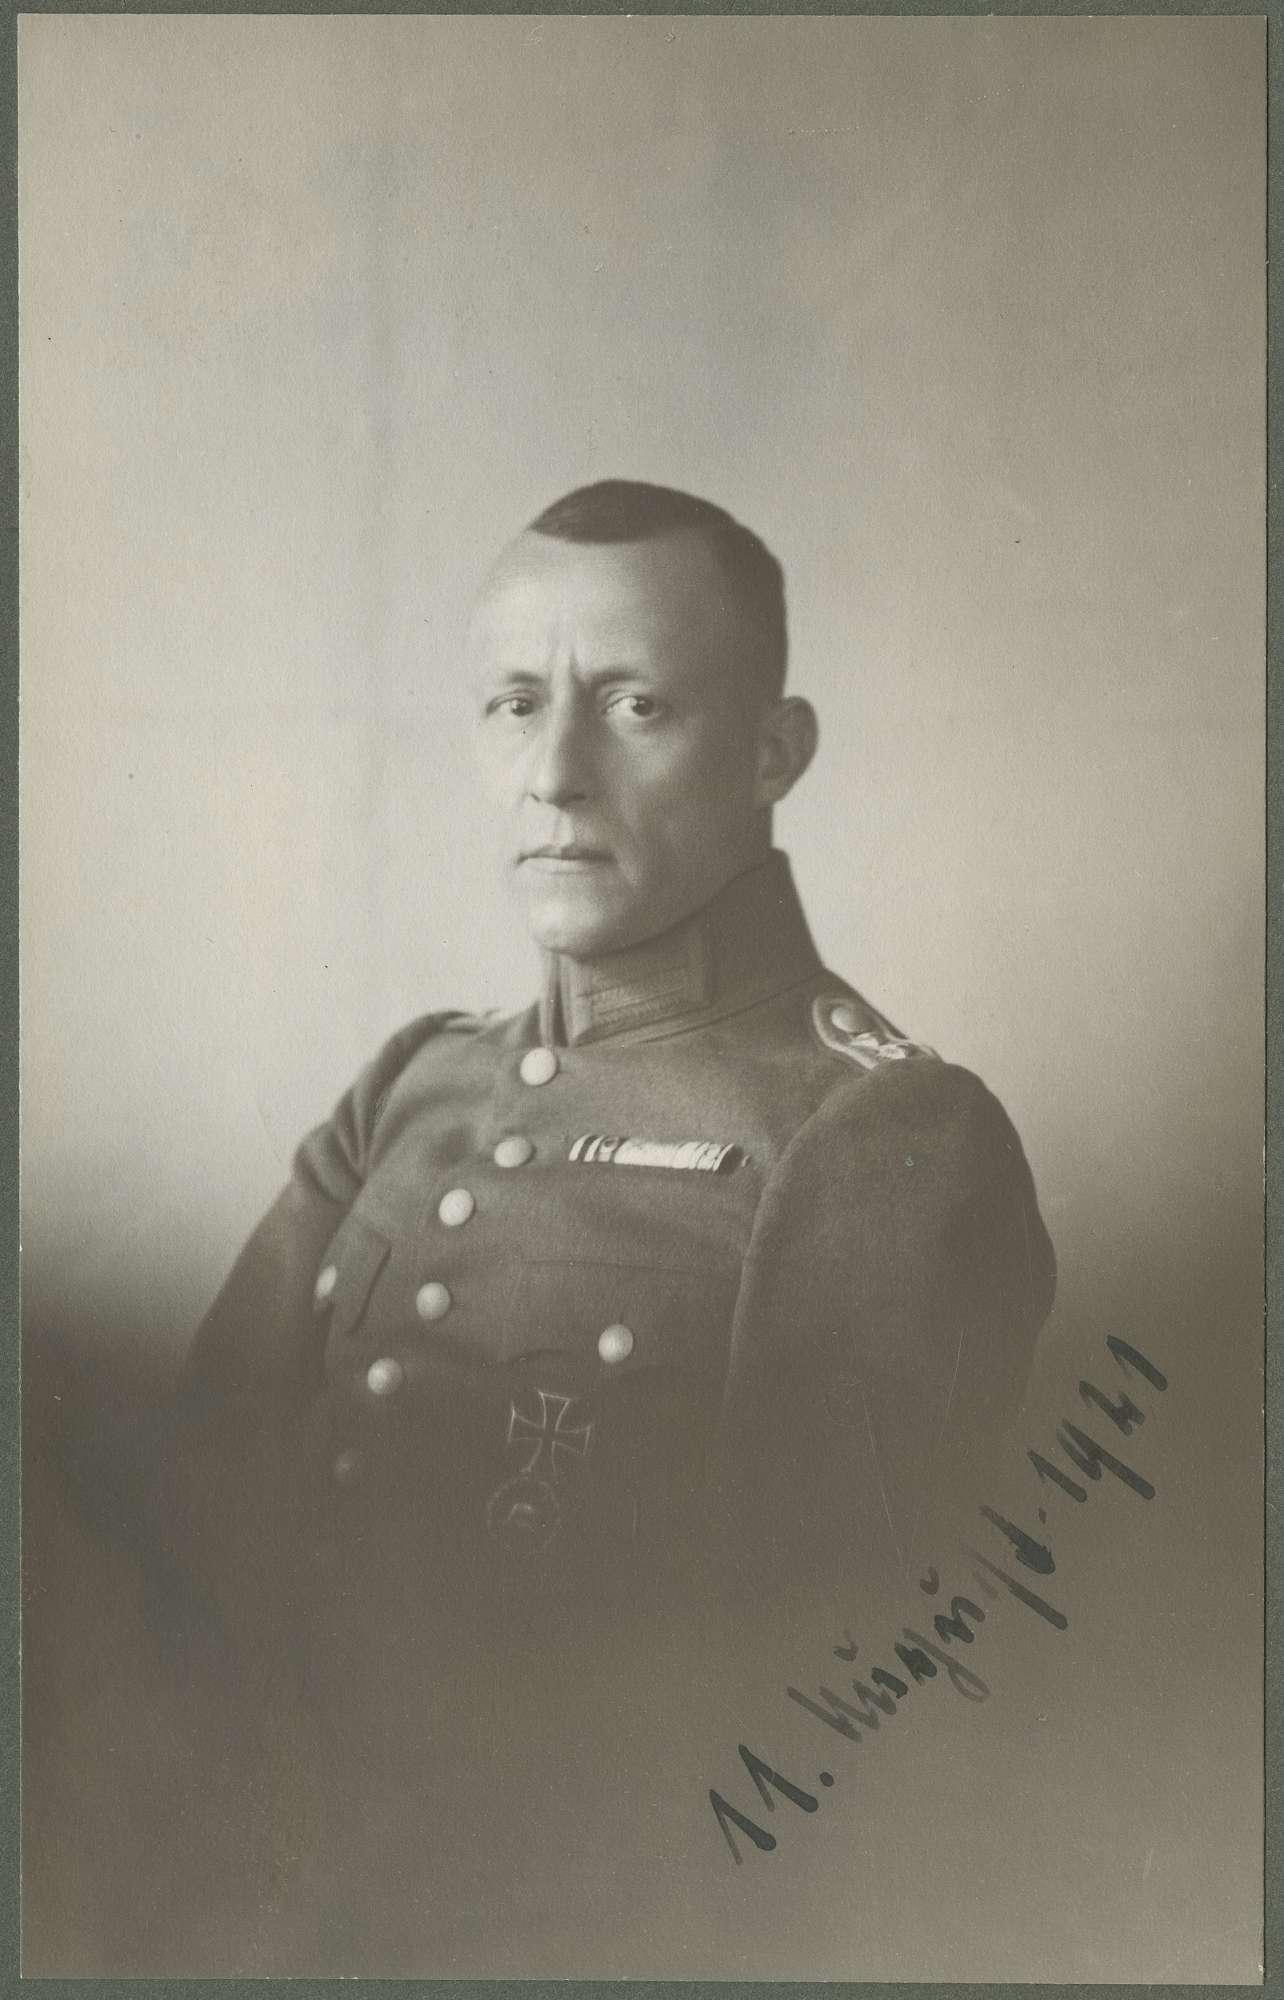 Molo, Alois von, Ritter, Bild 2